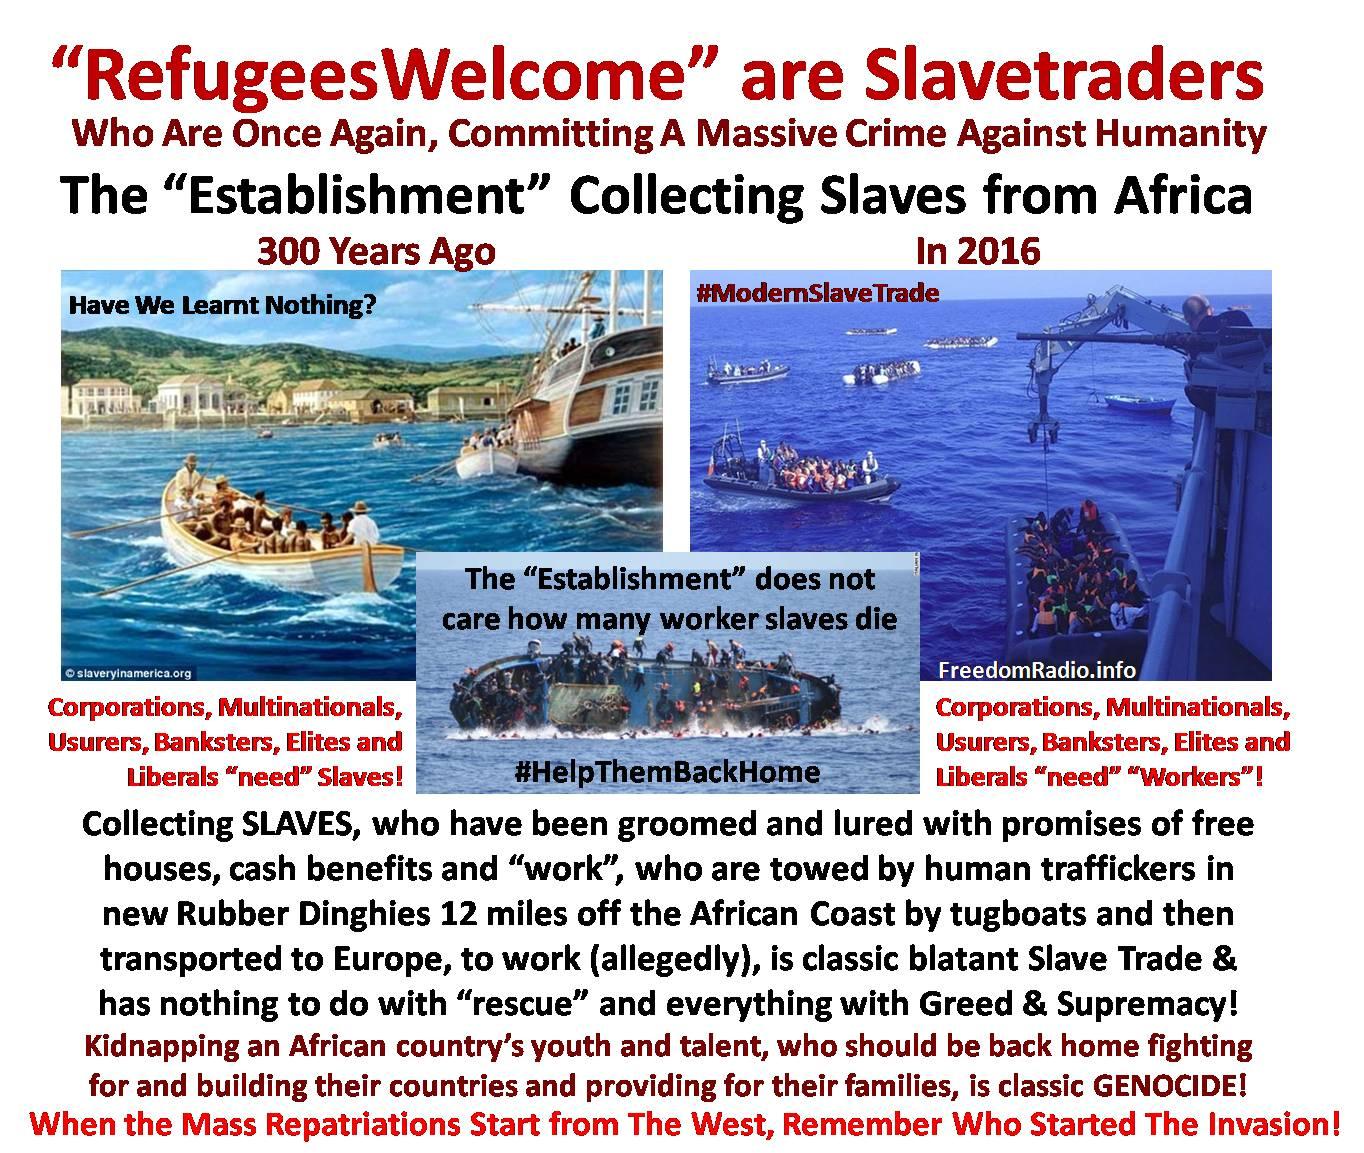 slavetraders